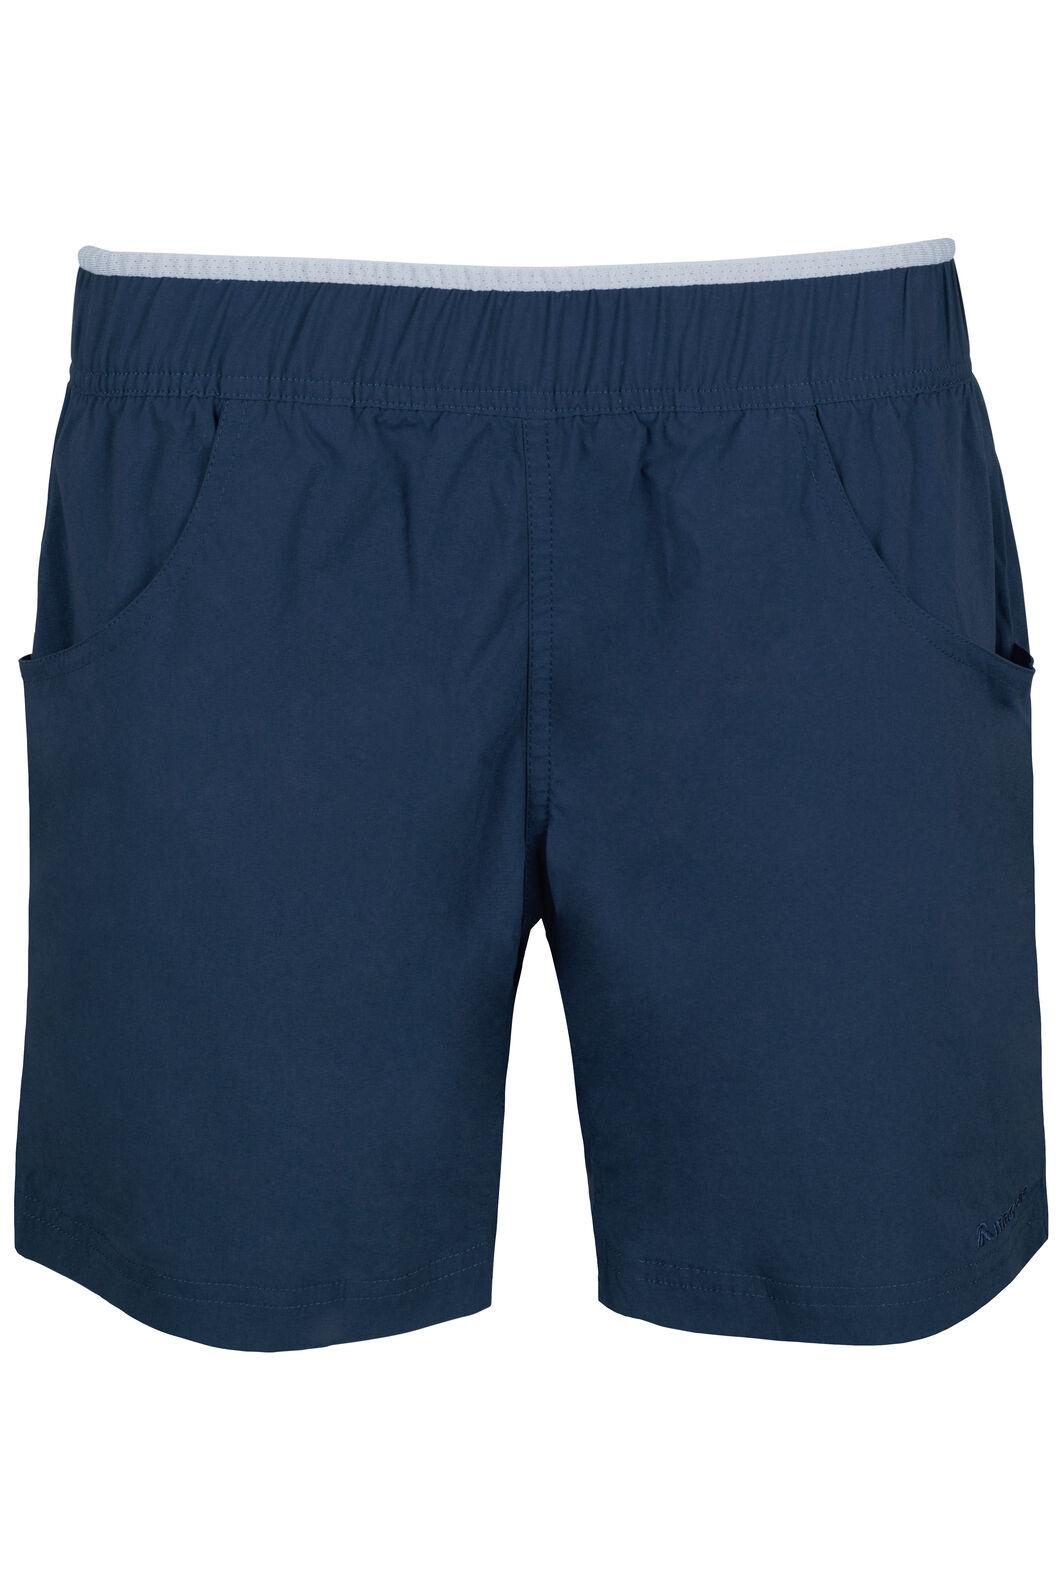 Rockover Shorts - Women's, Carbon, hi-res